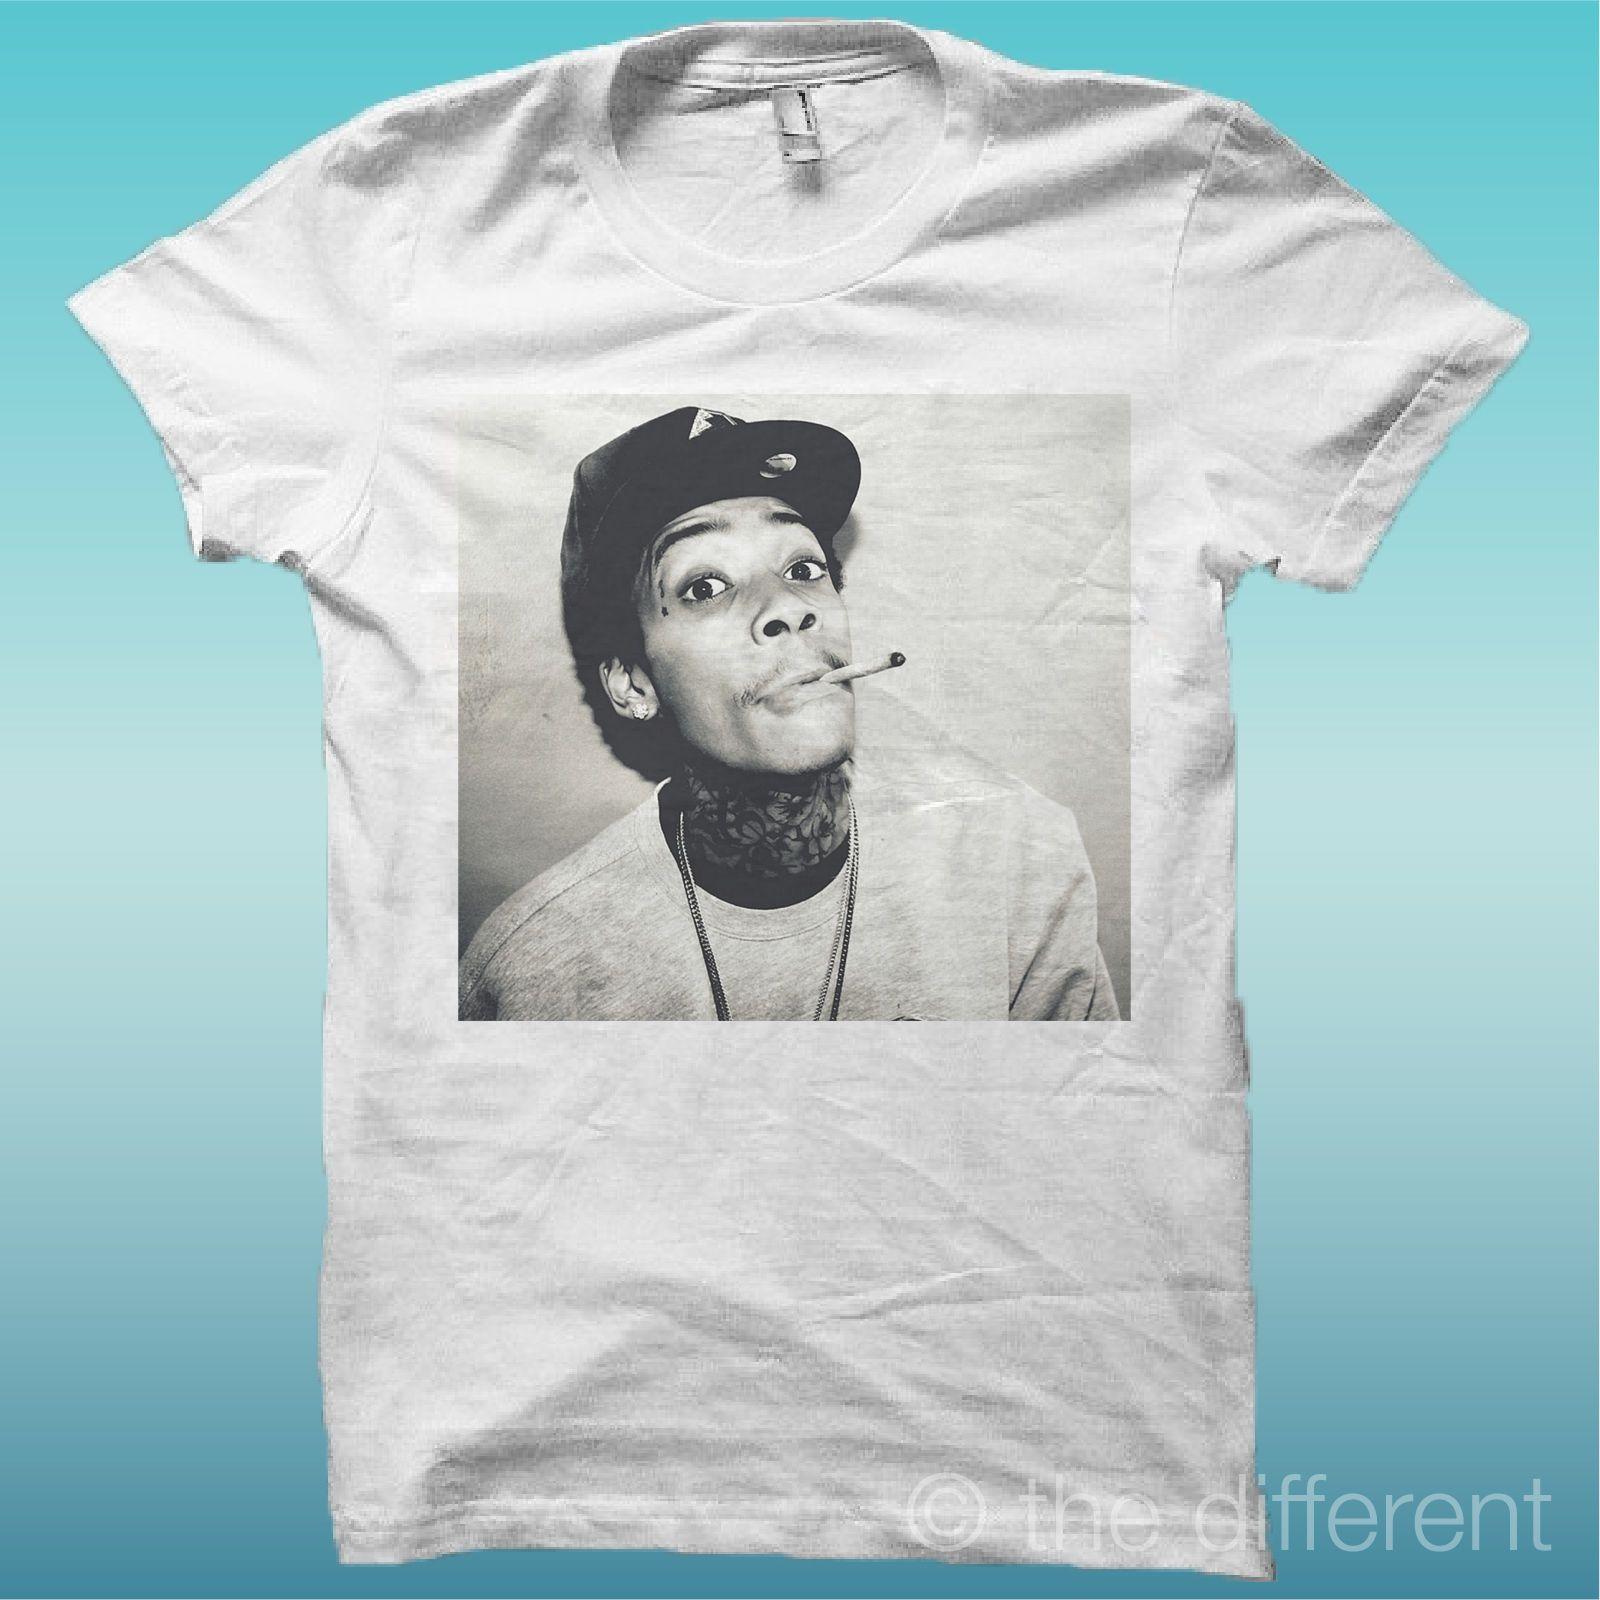 Wiz T T Femme Khalifa Khalifa Shirt Wiz Shirt Wiz Khalifa T Femme Shirt n8kOP0w